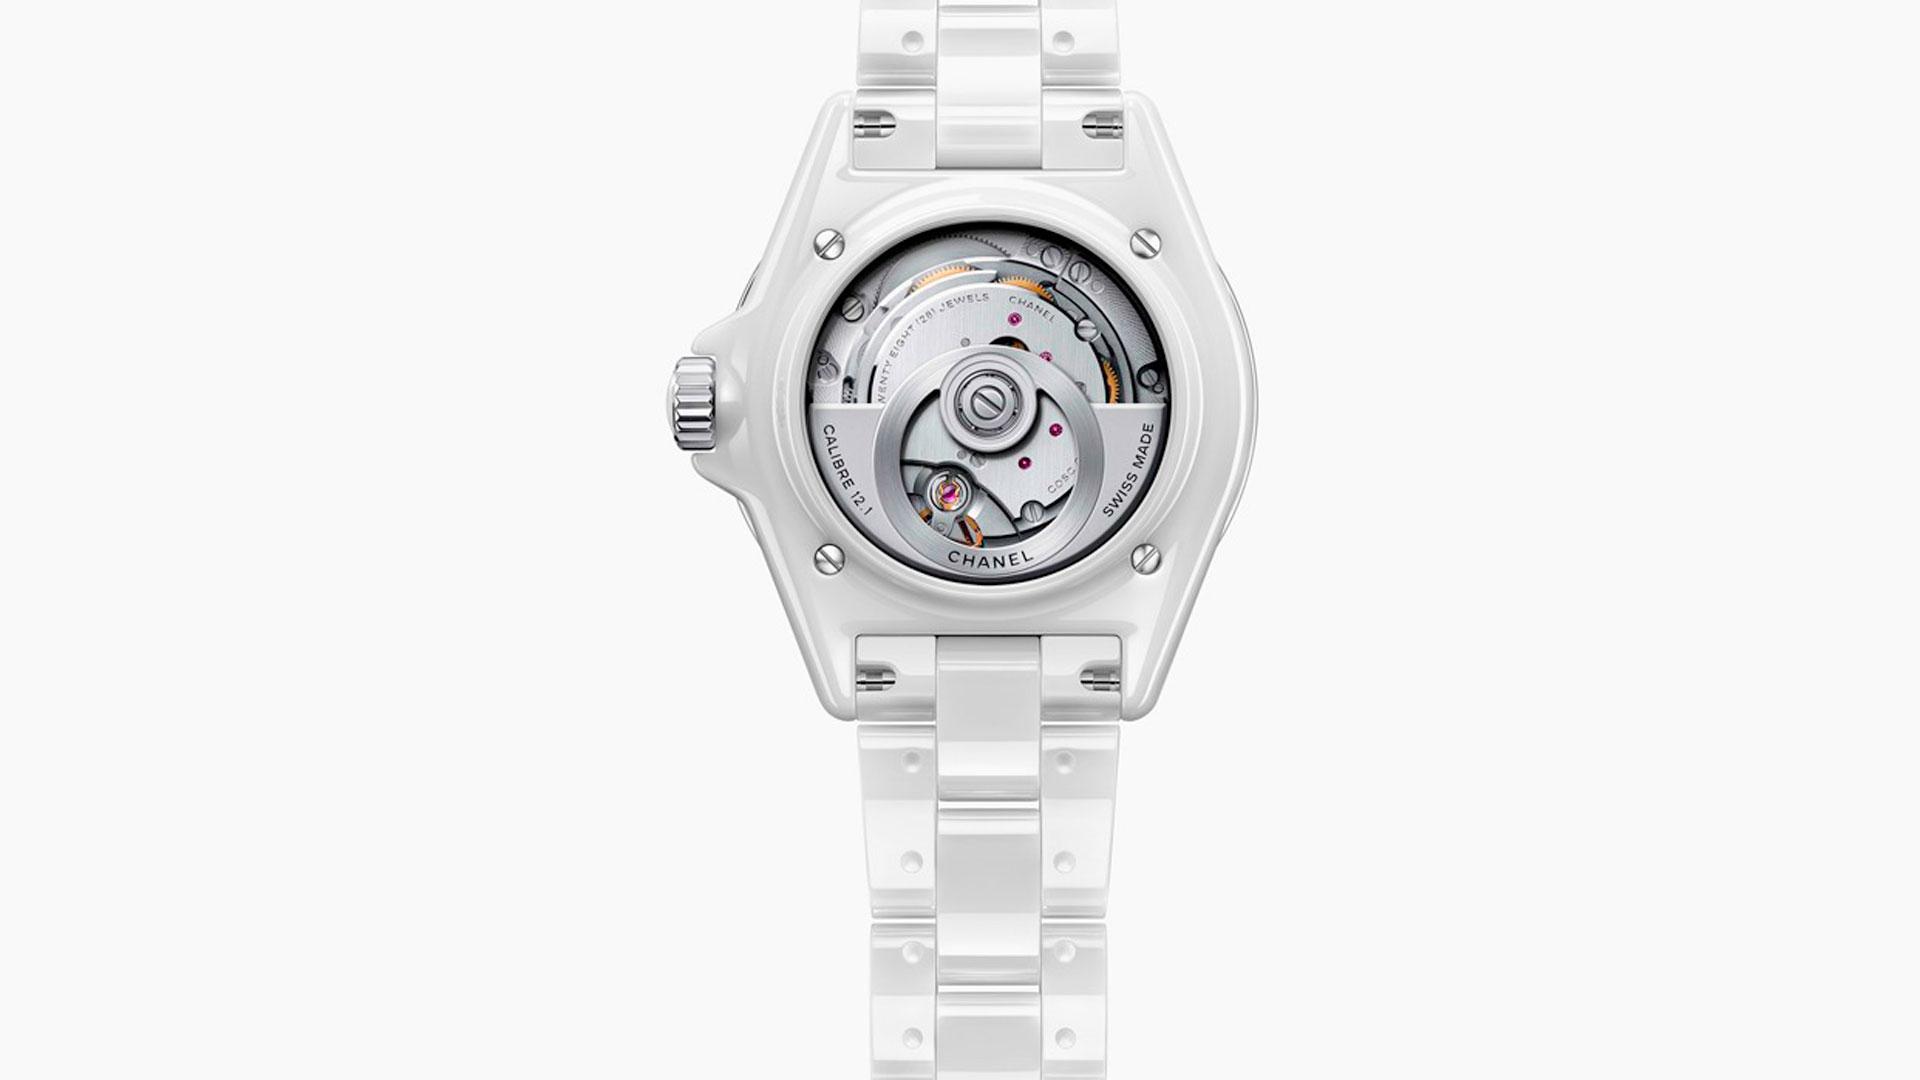 Imagen del nuevo reloj J12 de Chanel